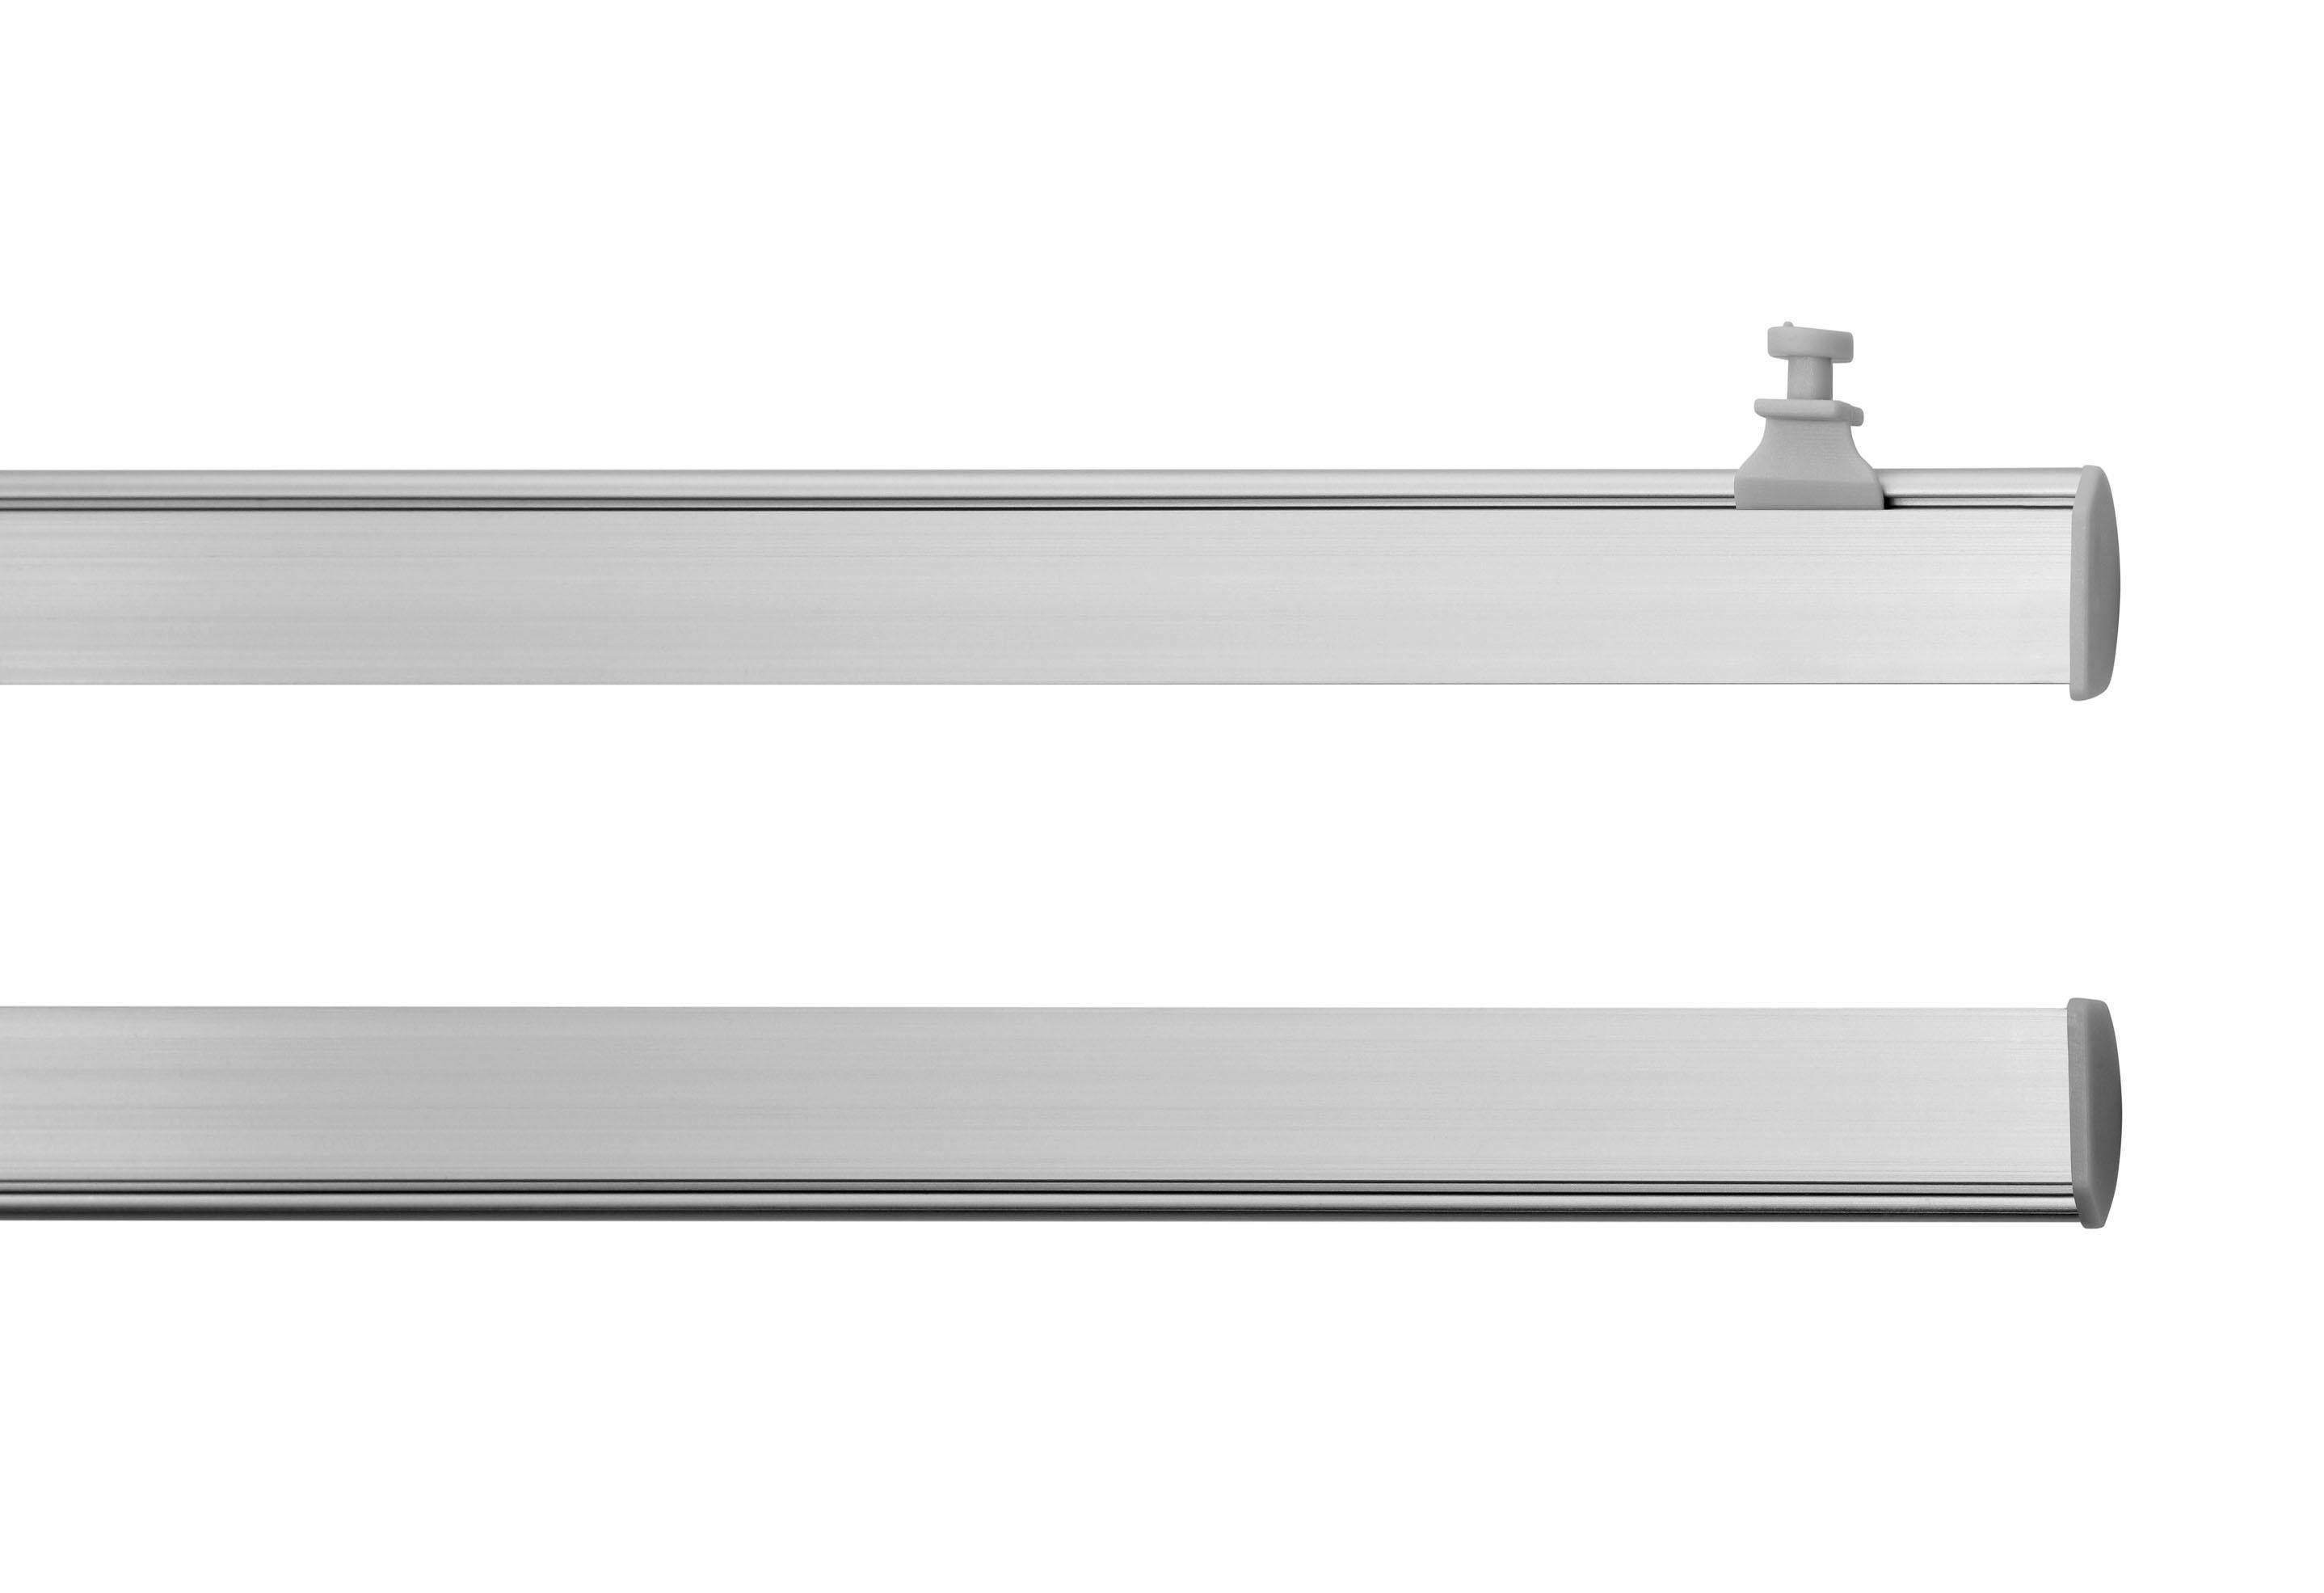 paneelwagen good life klempaneel voor schuifgordijnen van aluminium 60 cm breed makkelijk. Black Bedroom Furniture Sets. Home Design Ideas